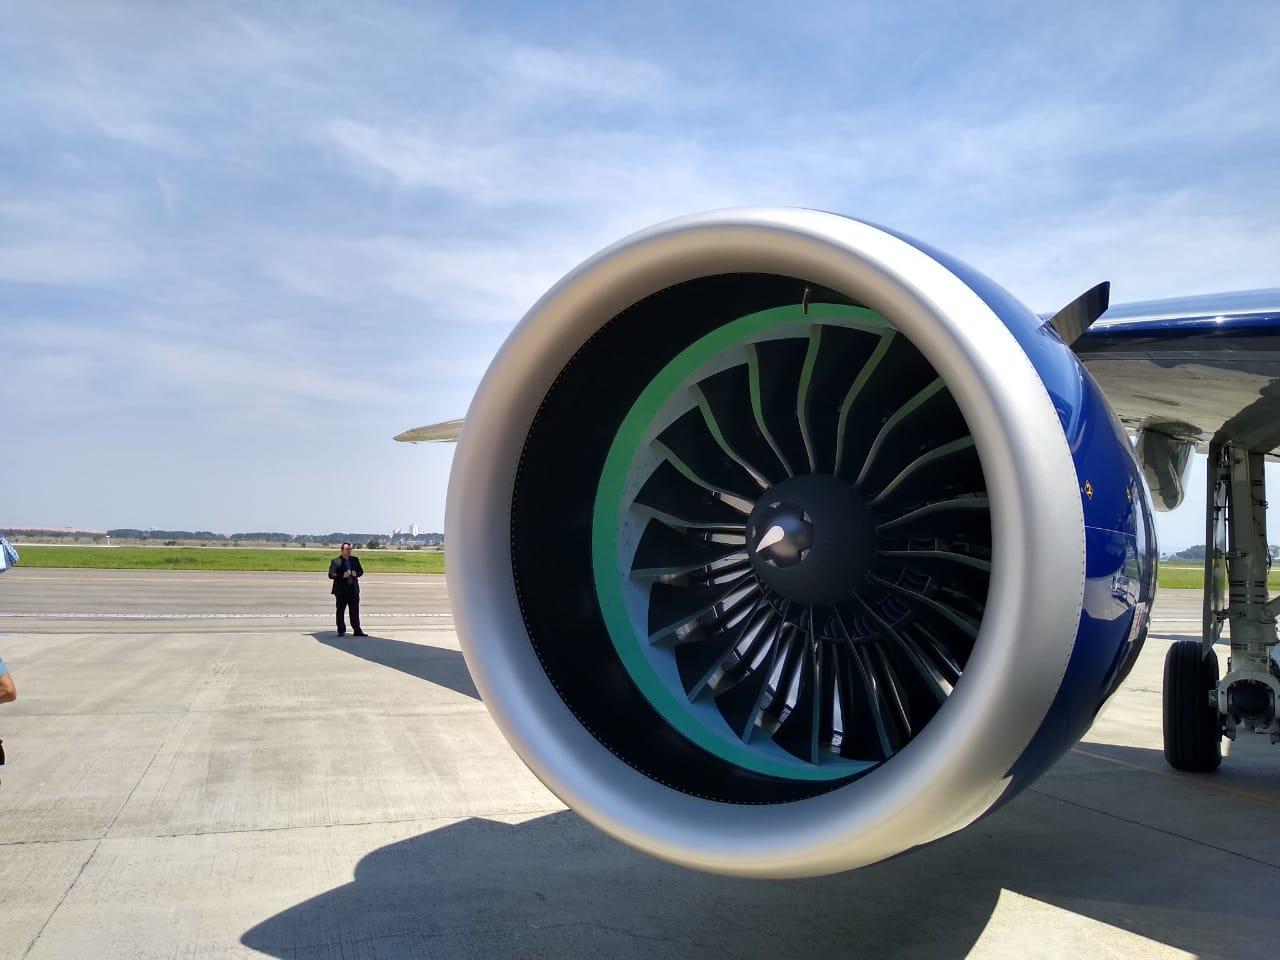 Companhia surpreende e lança voos de ida e volta por apenas R$ 60,32 para superar crise